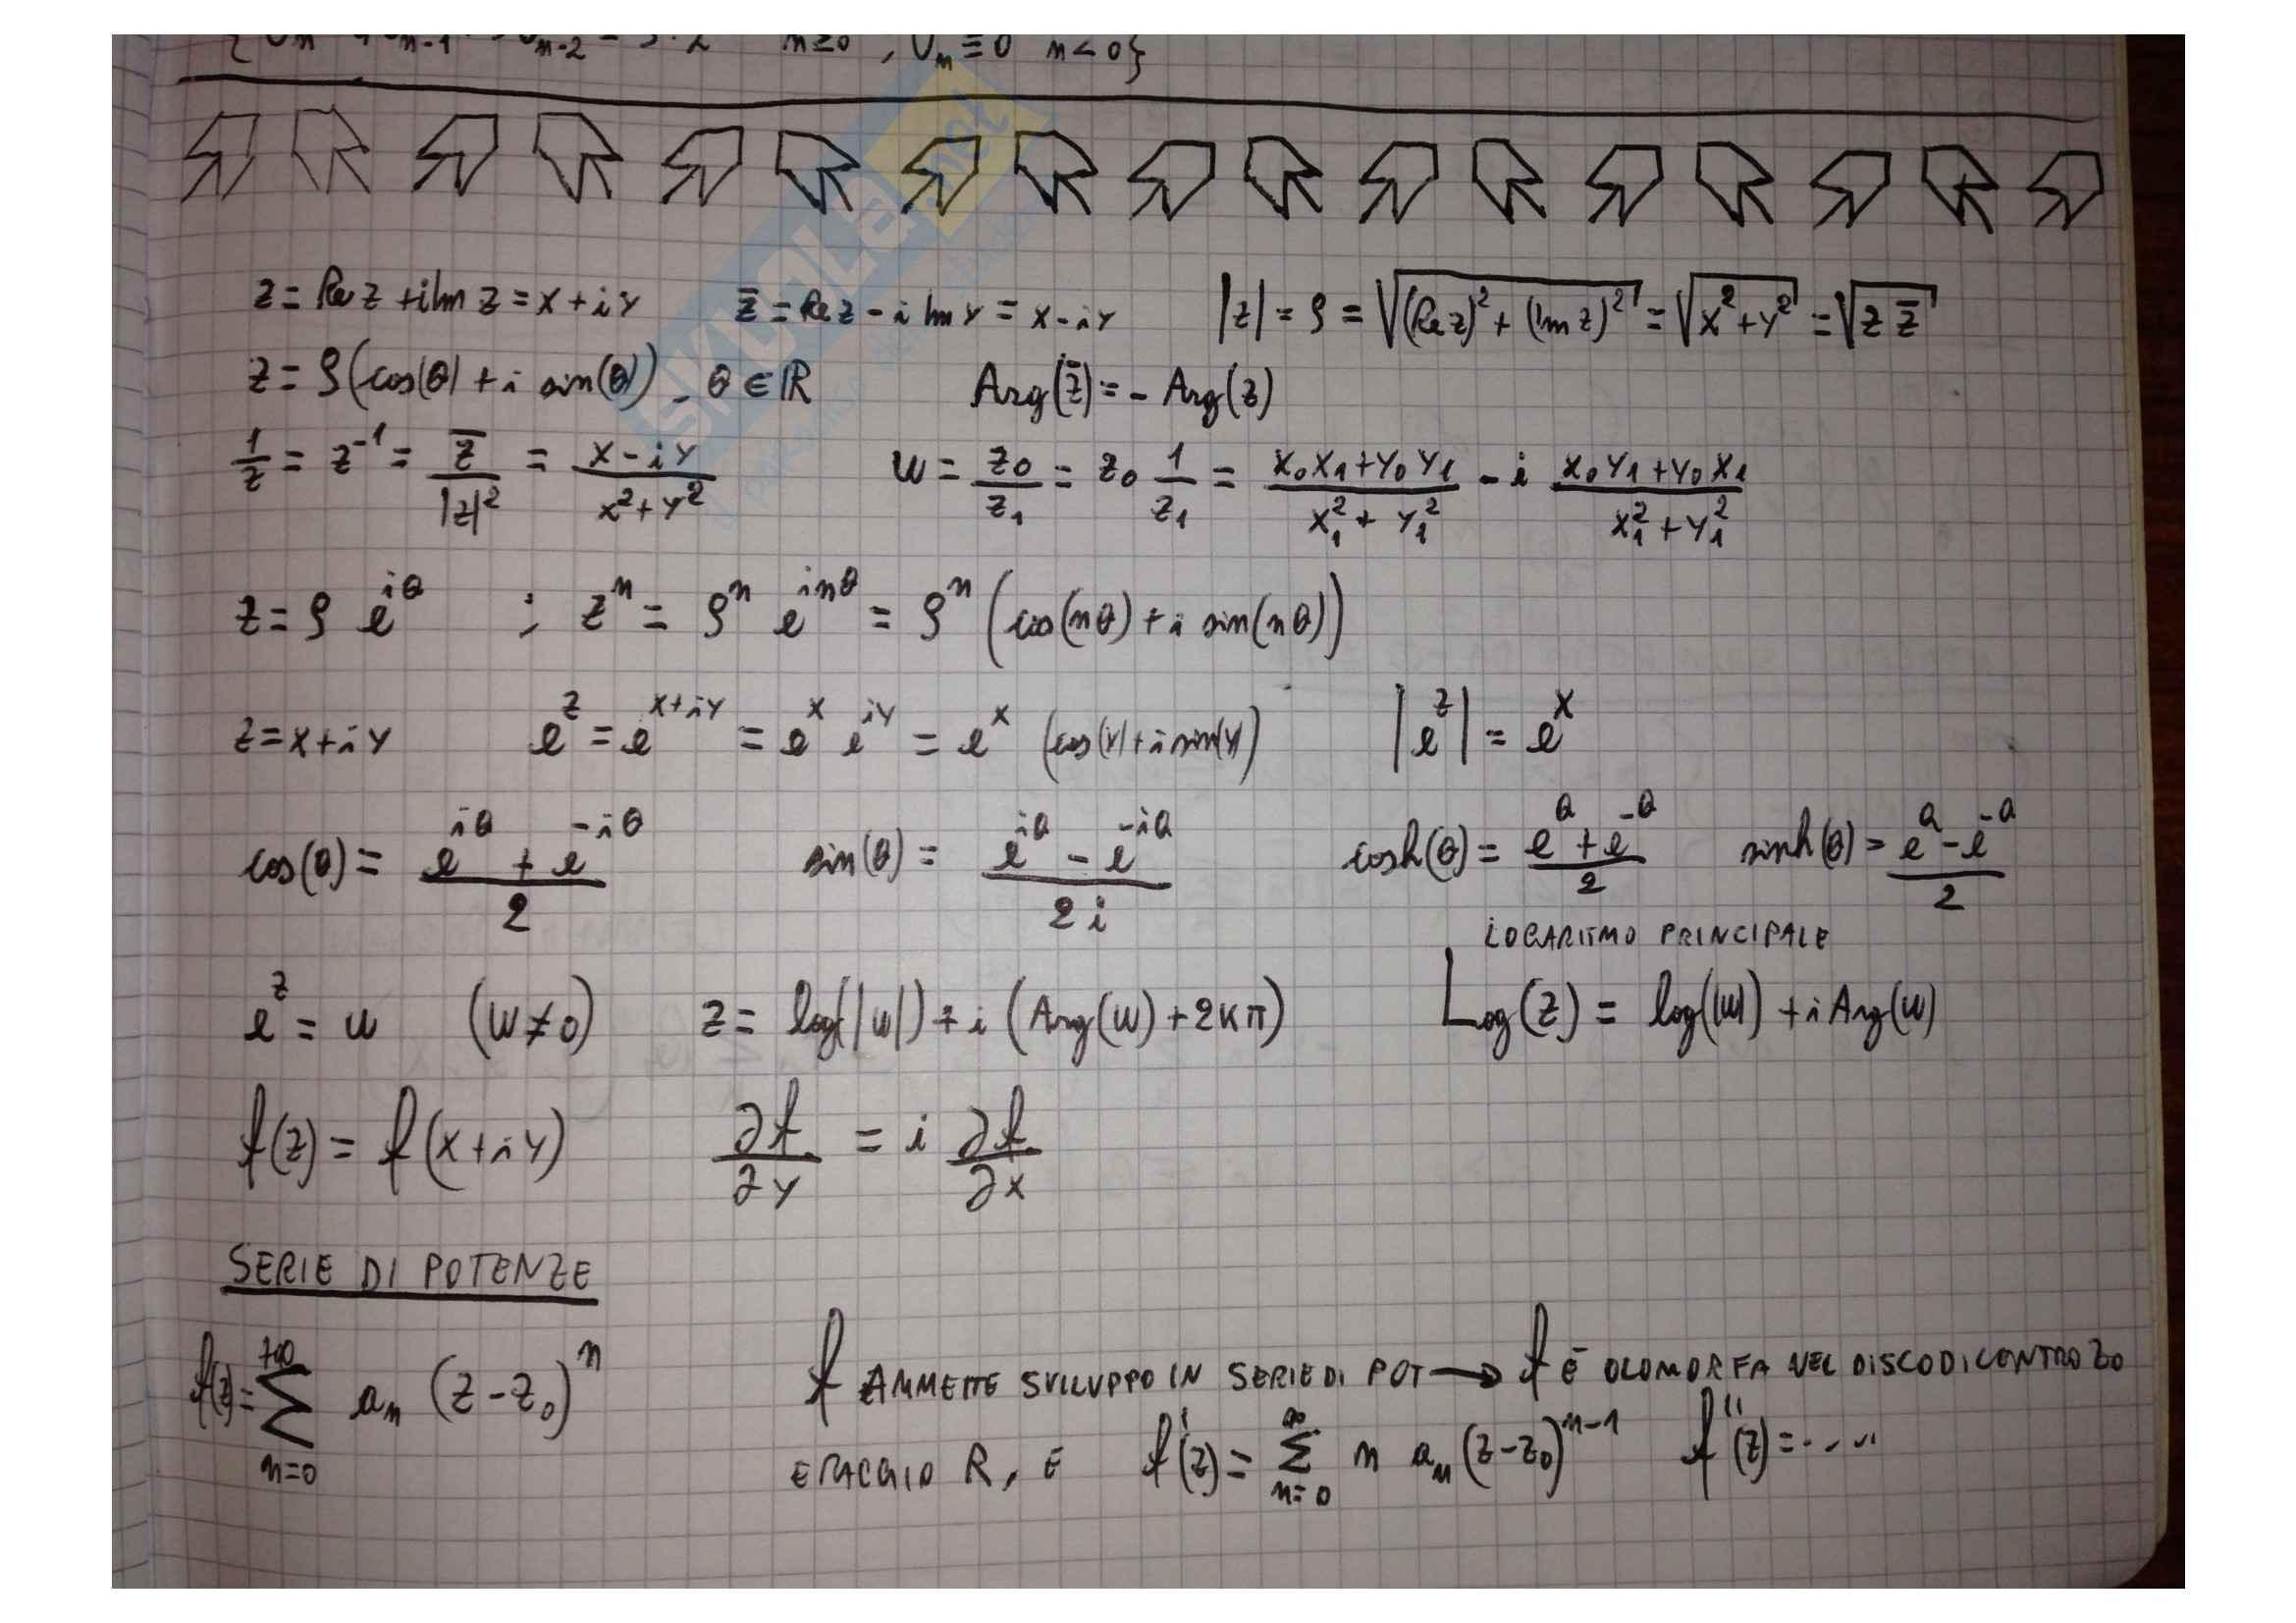 appunto G. Savarè Metodi matematici per l'ingegneria